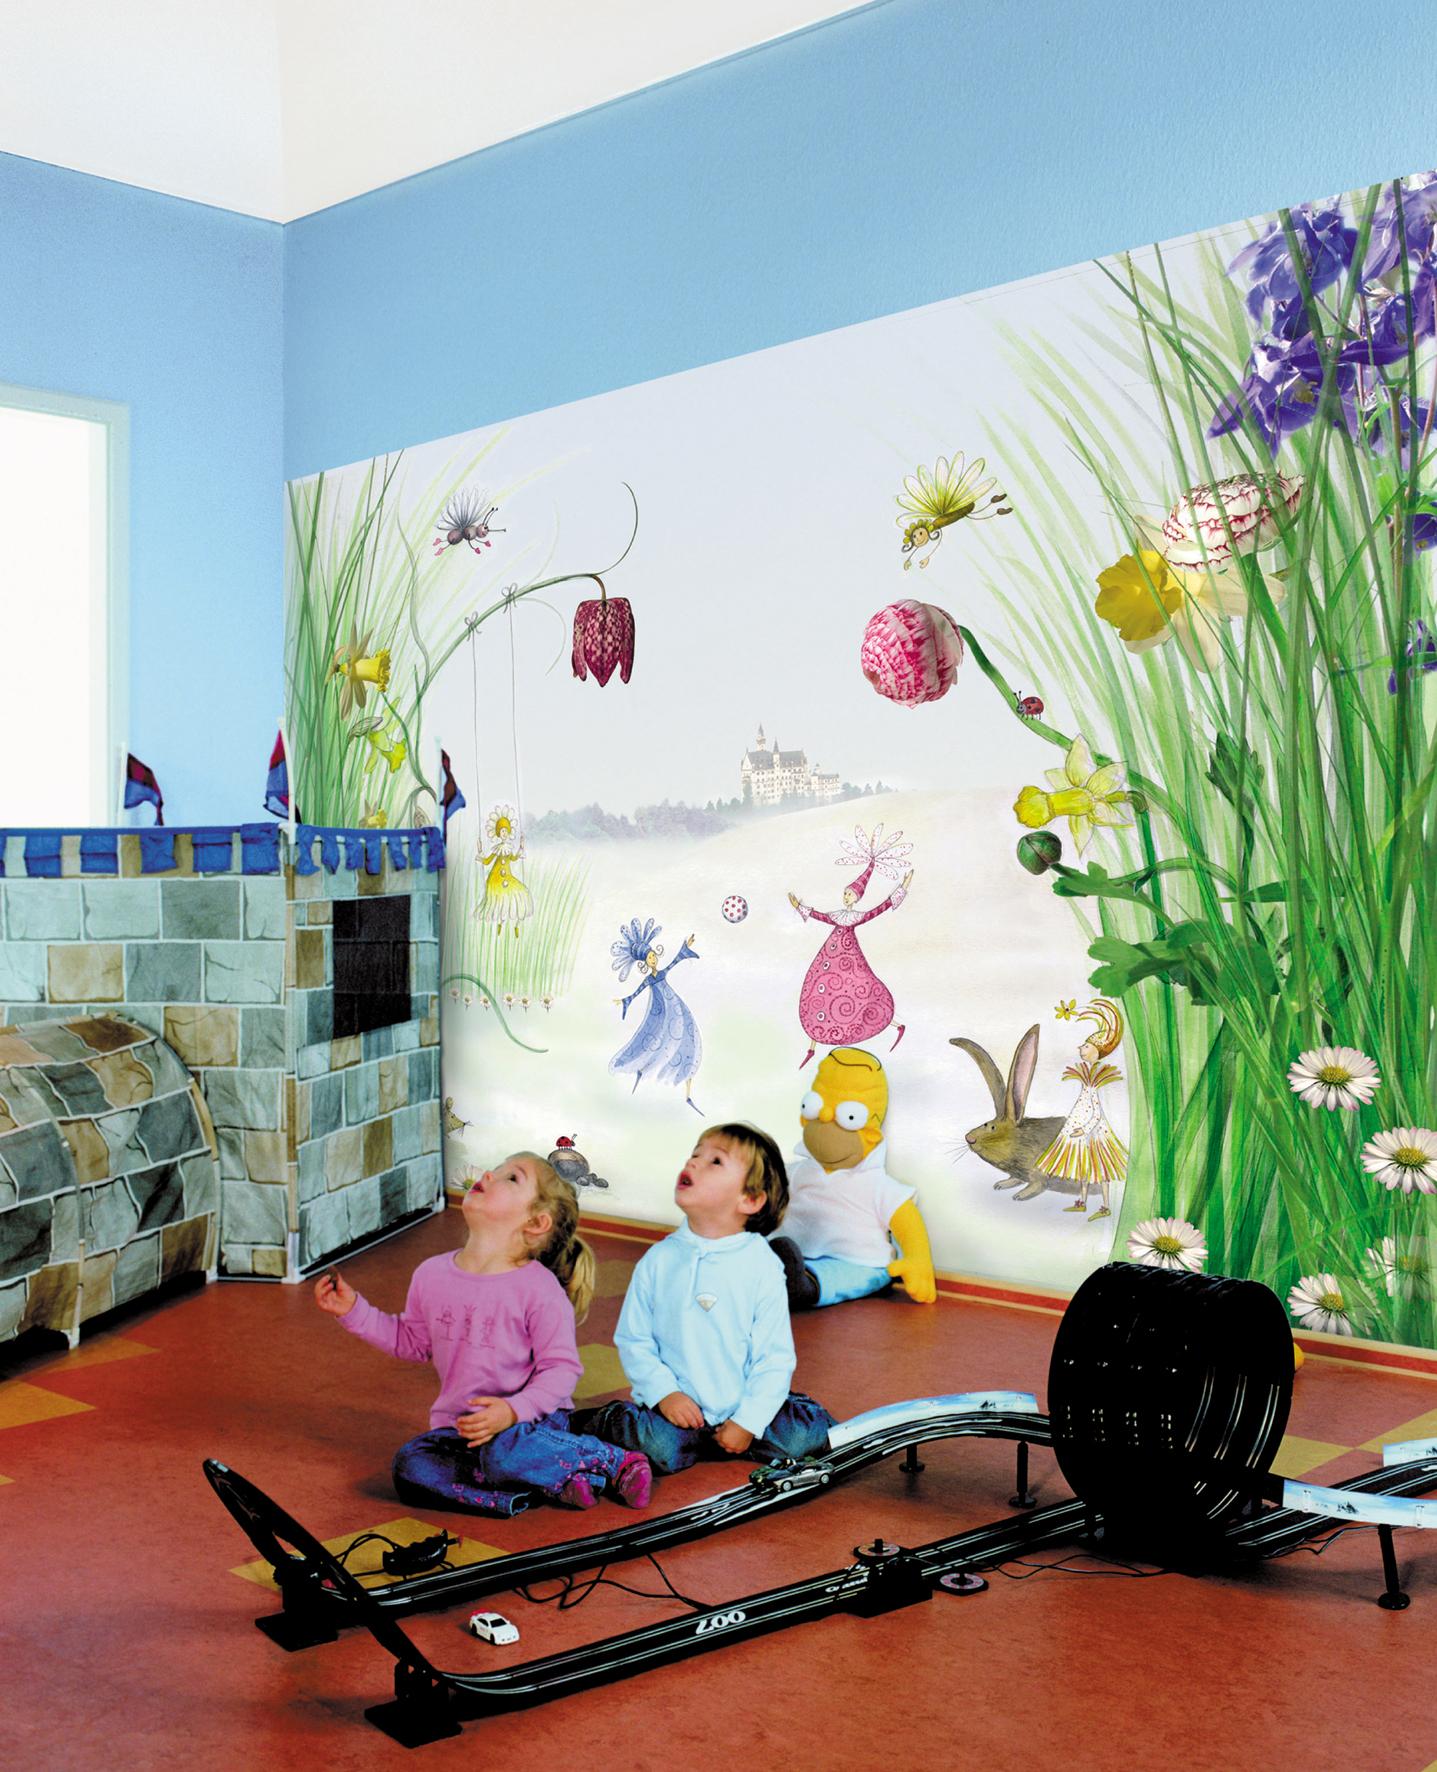 Full Size of Fototapeten Kinderzimmer Kiss Regale Sofa Regal Weiß Wohnzimmer Kinderzimmer Fototapeten Kinderzimmer